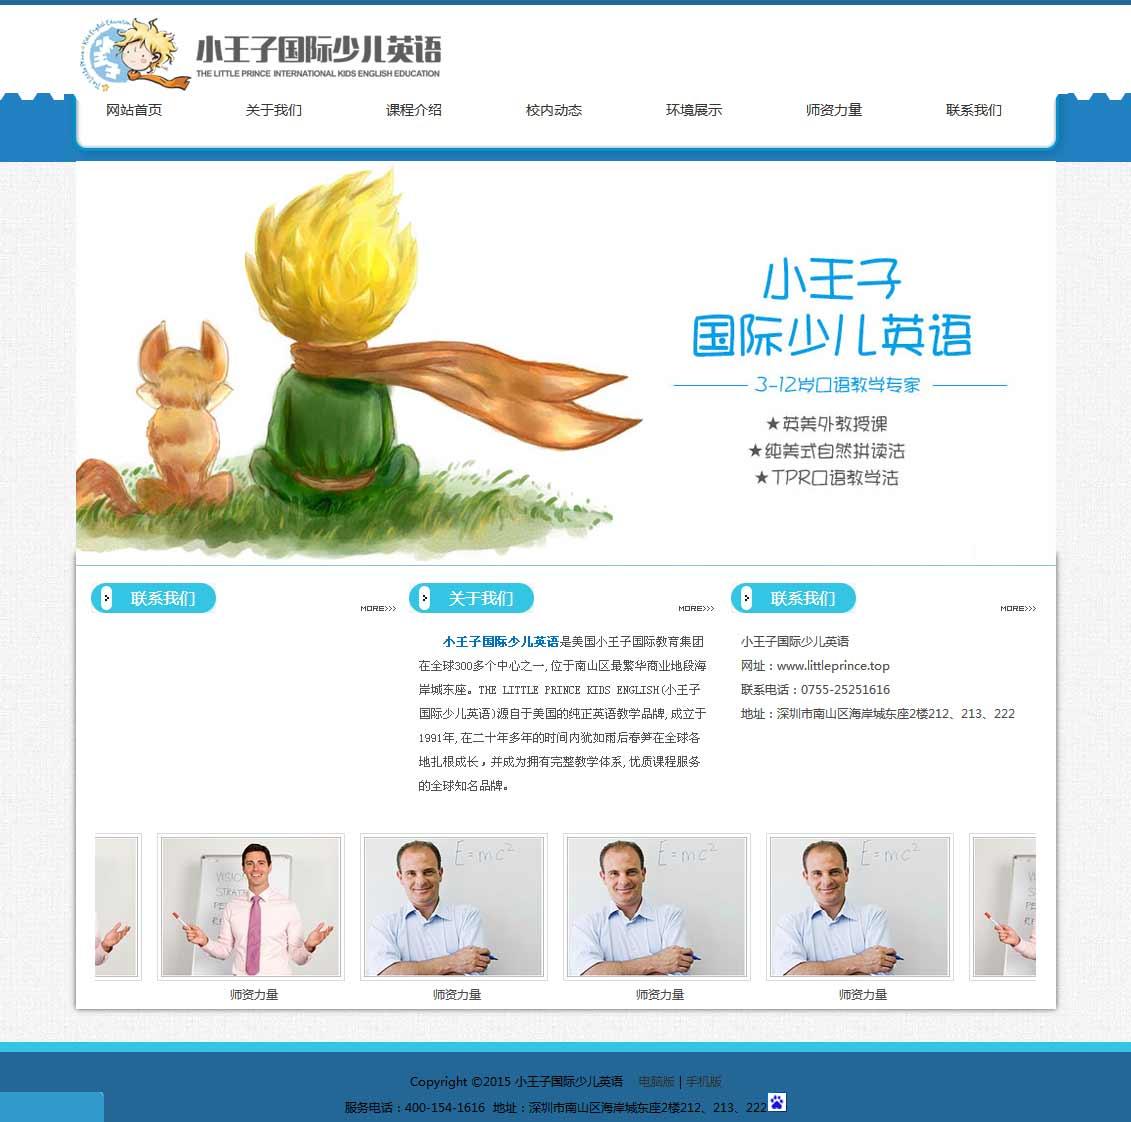 深圳小王子教育亿博国际客户端下载建设案例